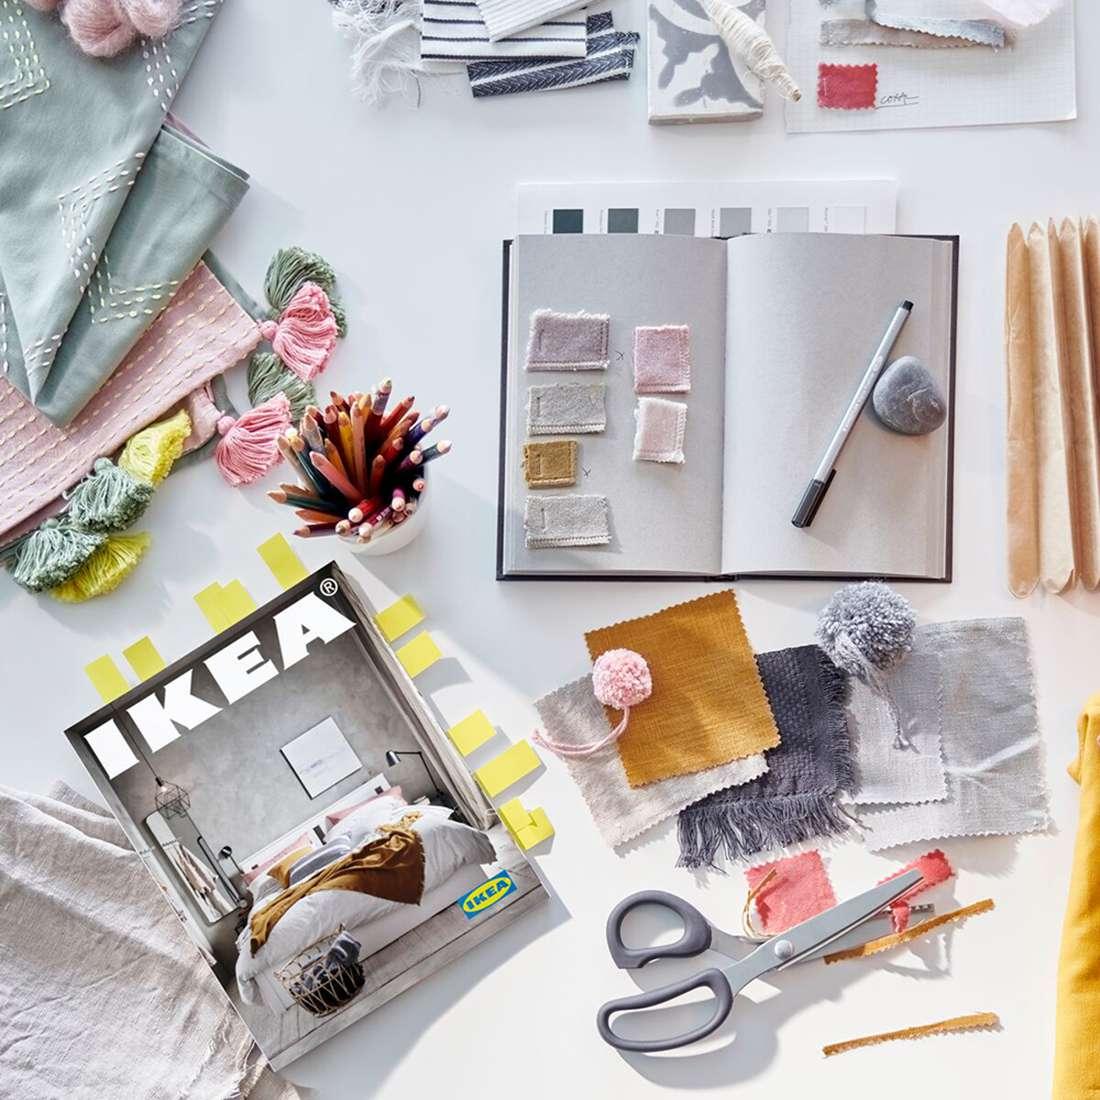 ikea 2021 catalog cover